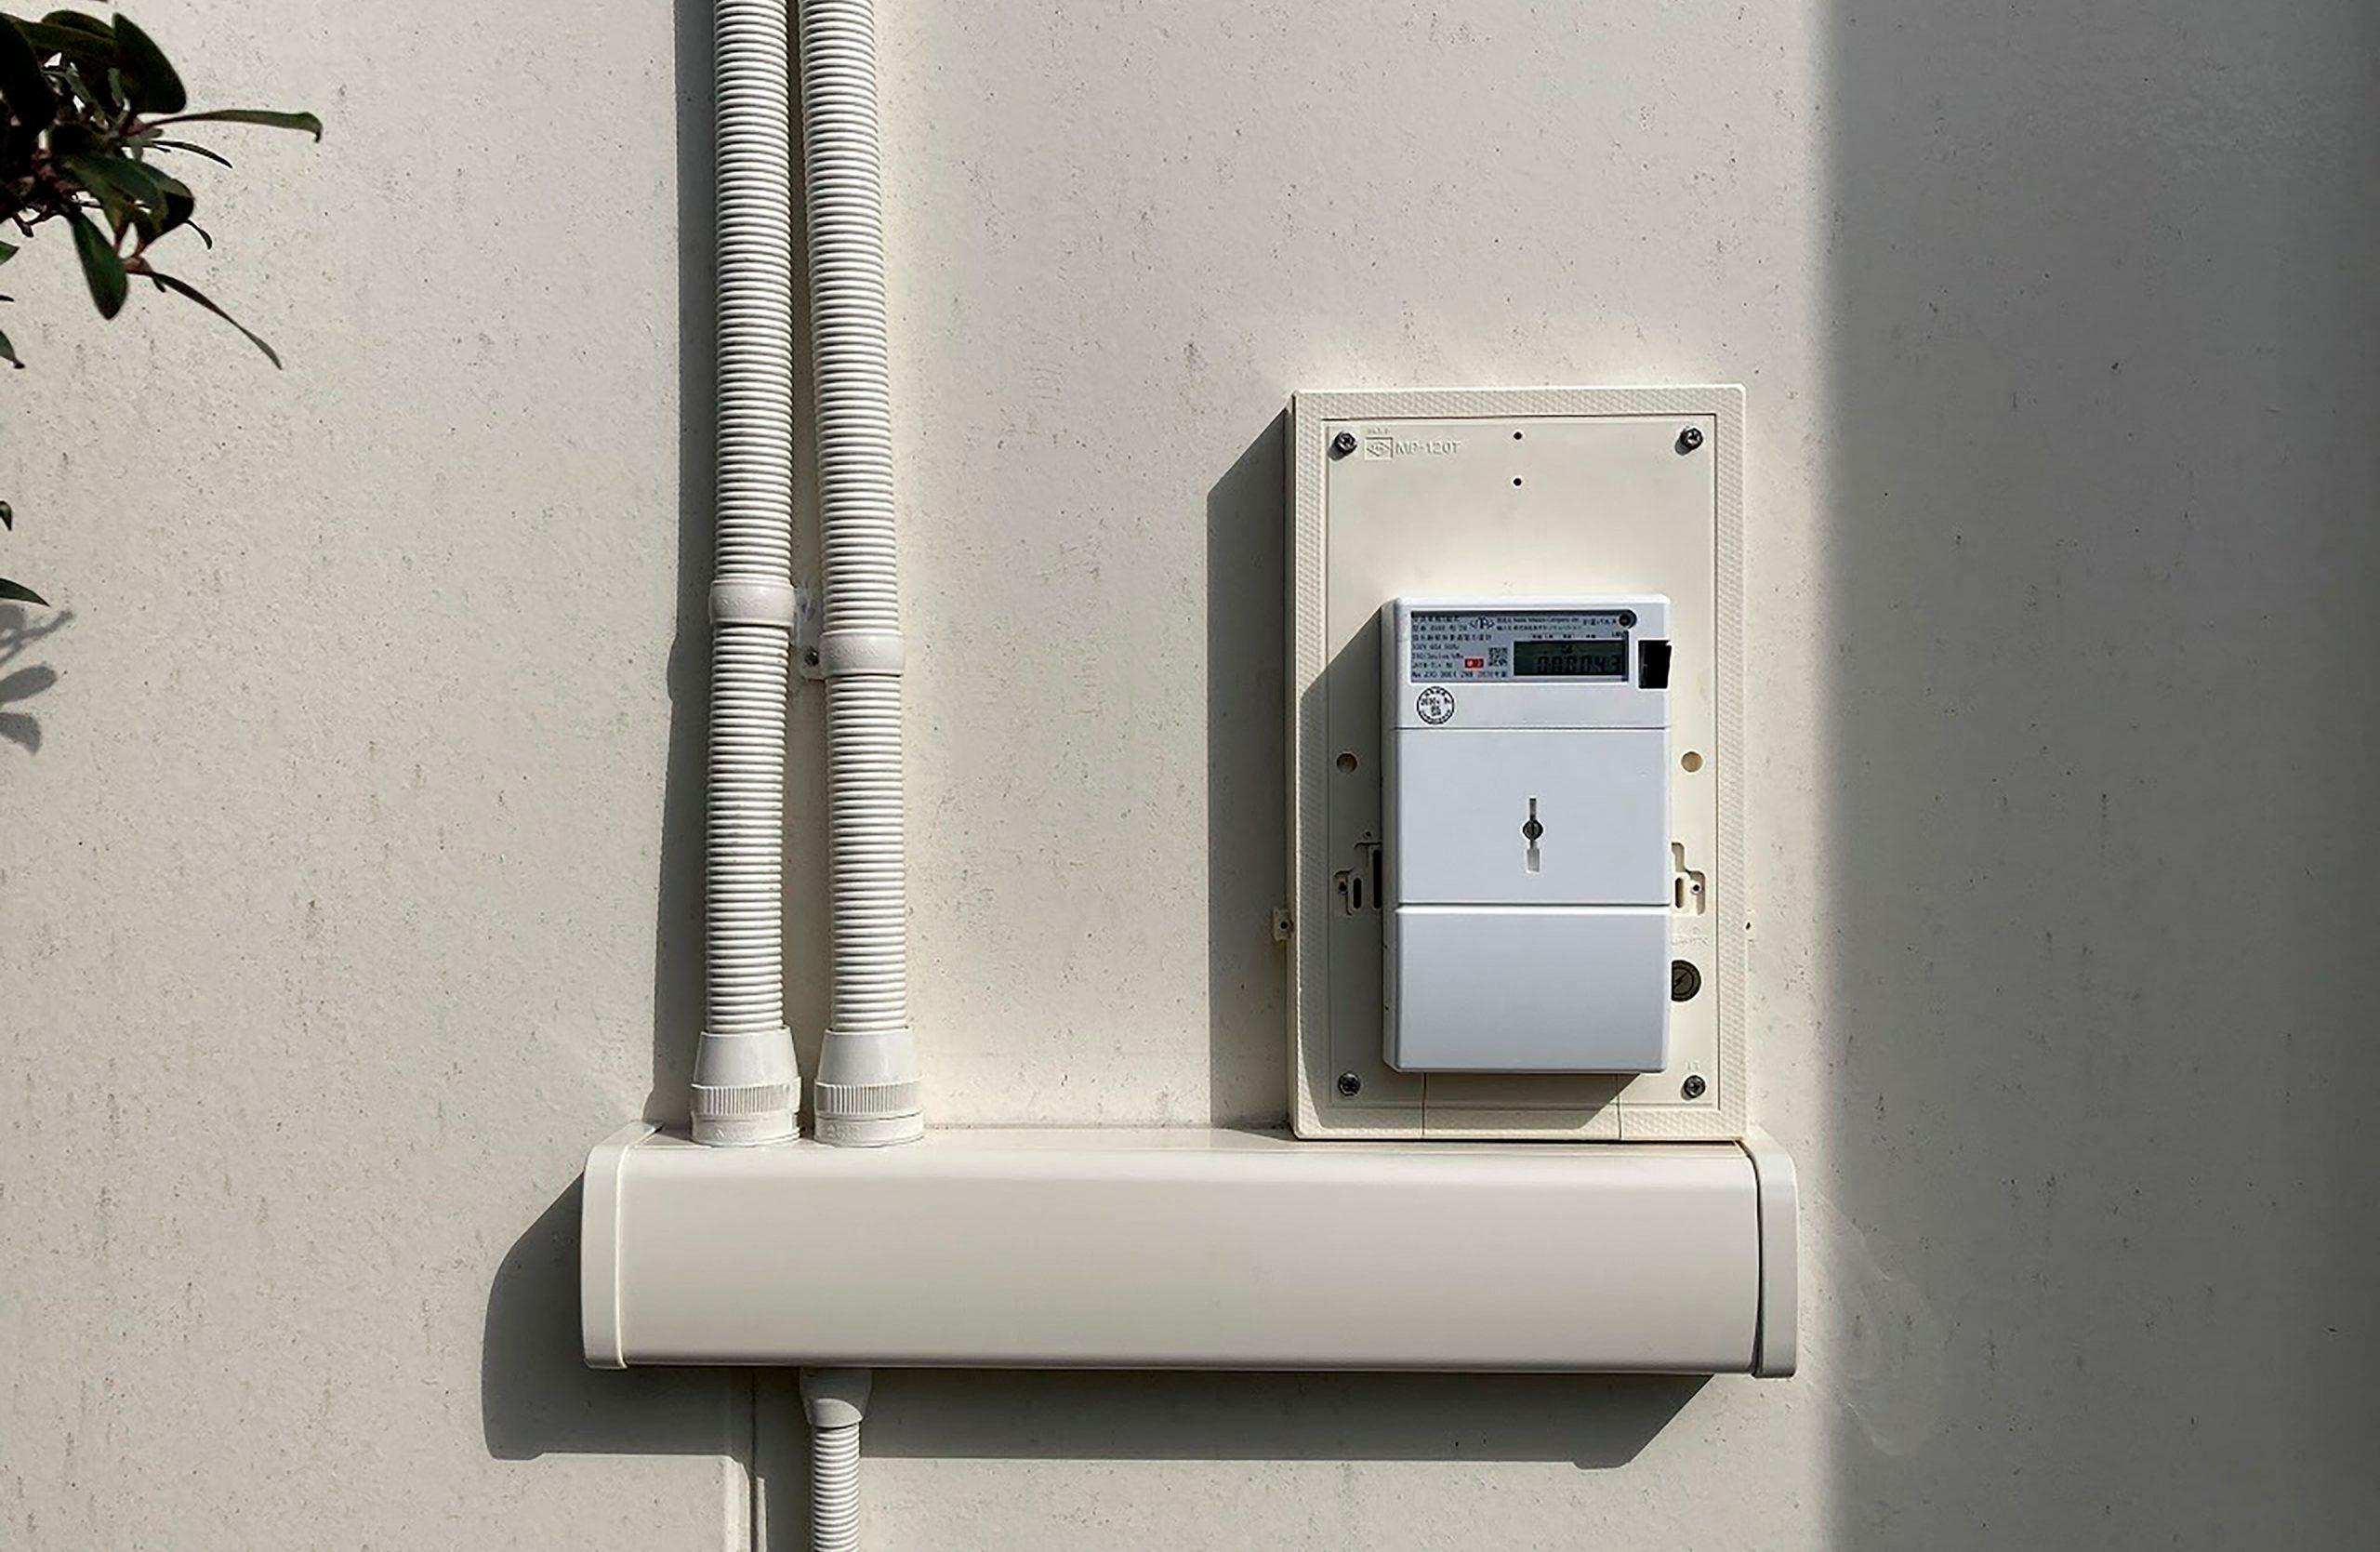 ドアのノブ中程度の精度で自動的に生成された説明